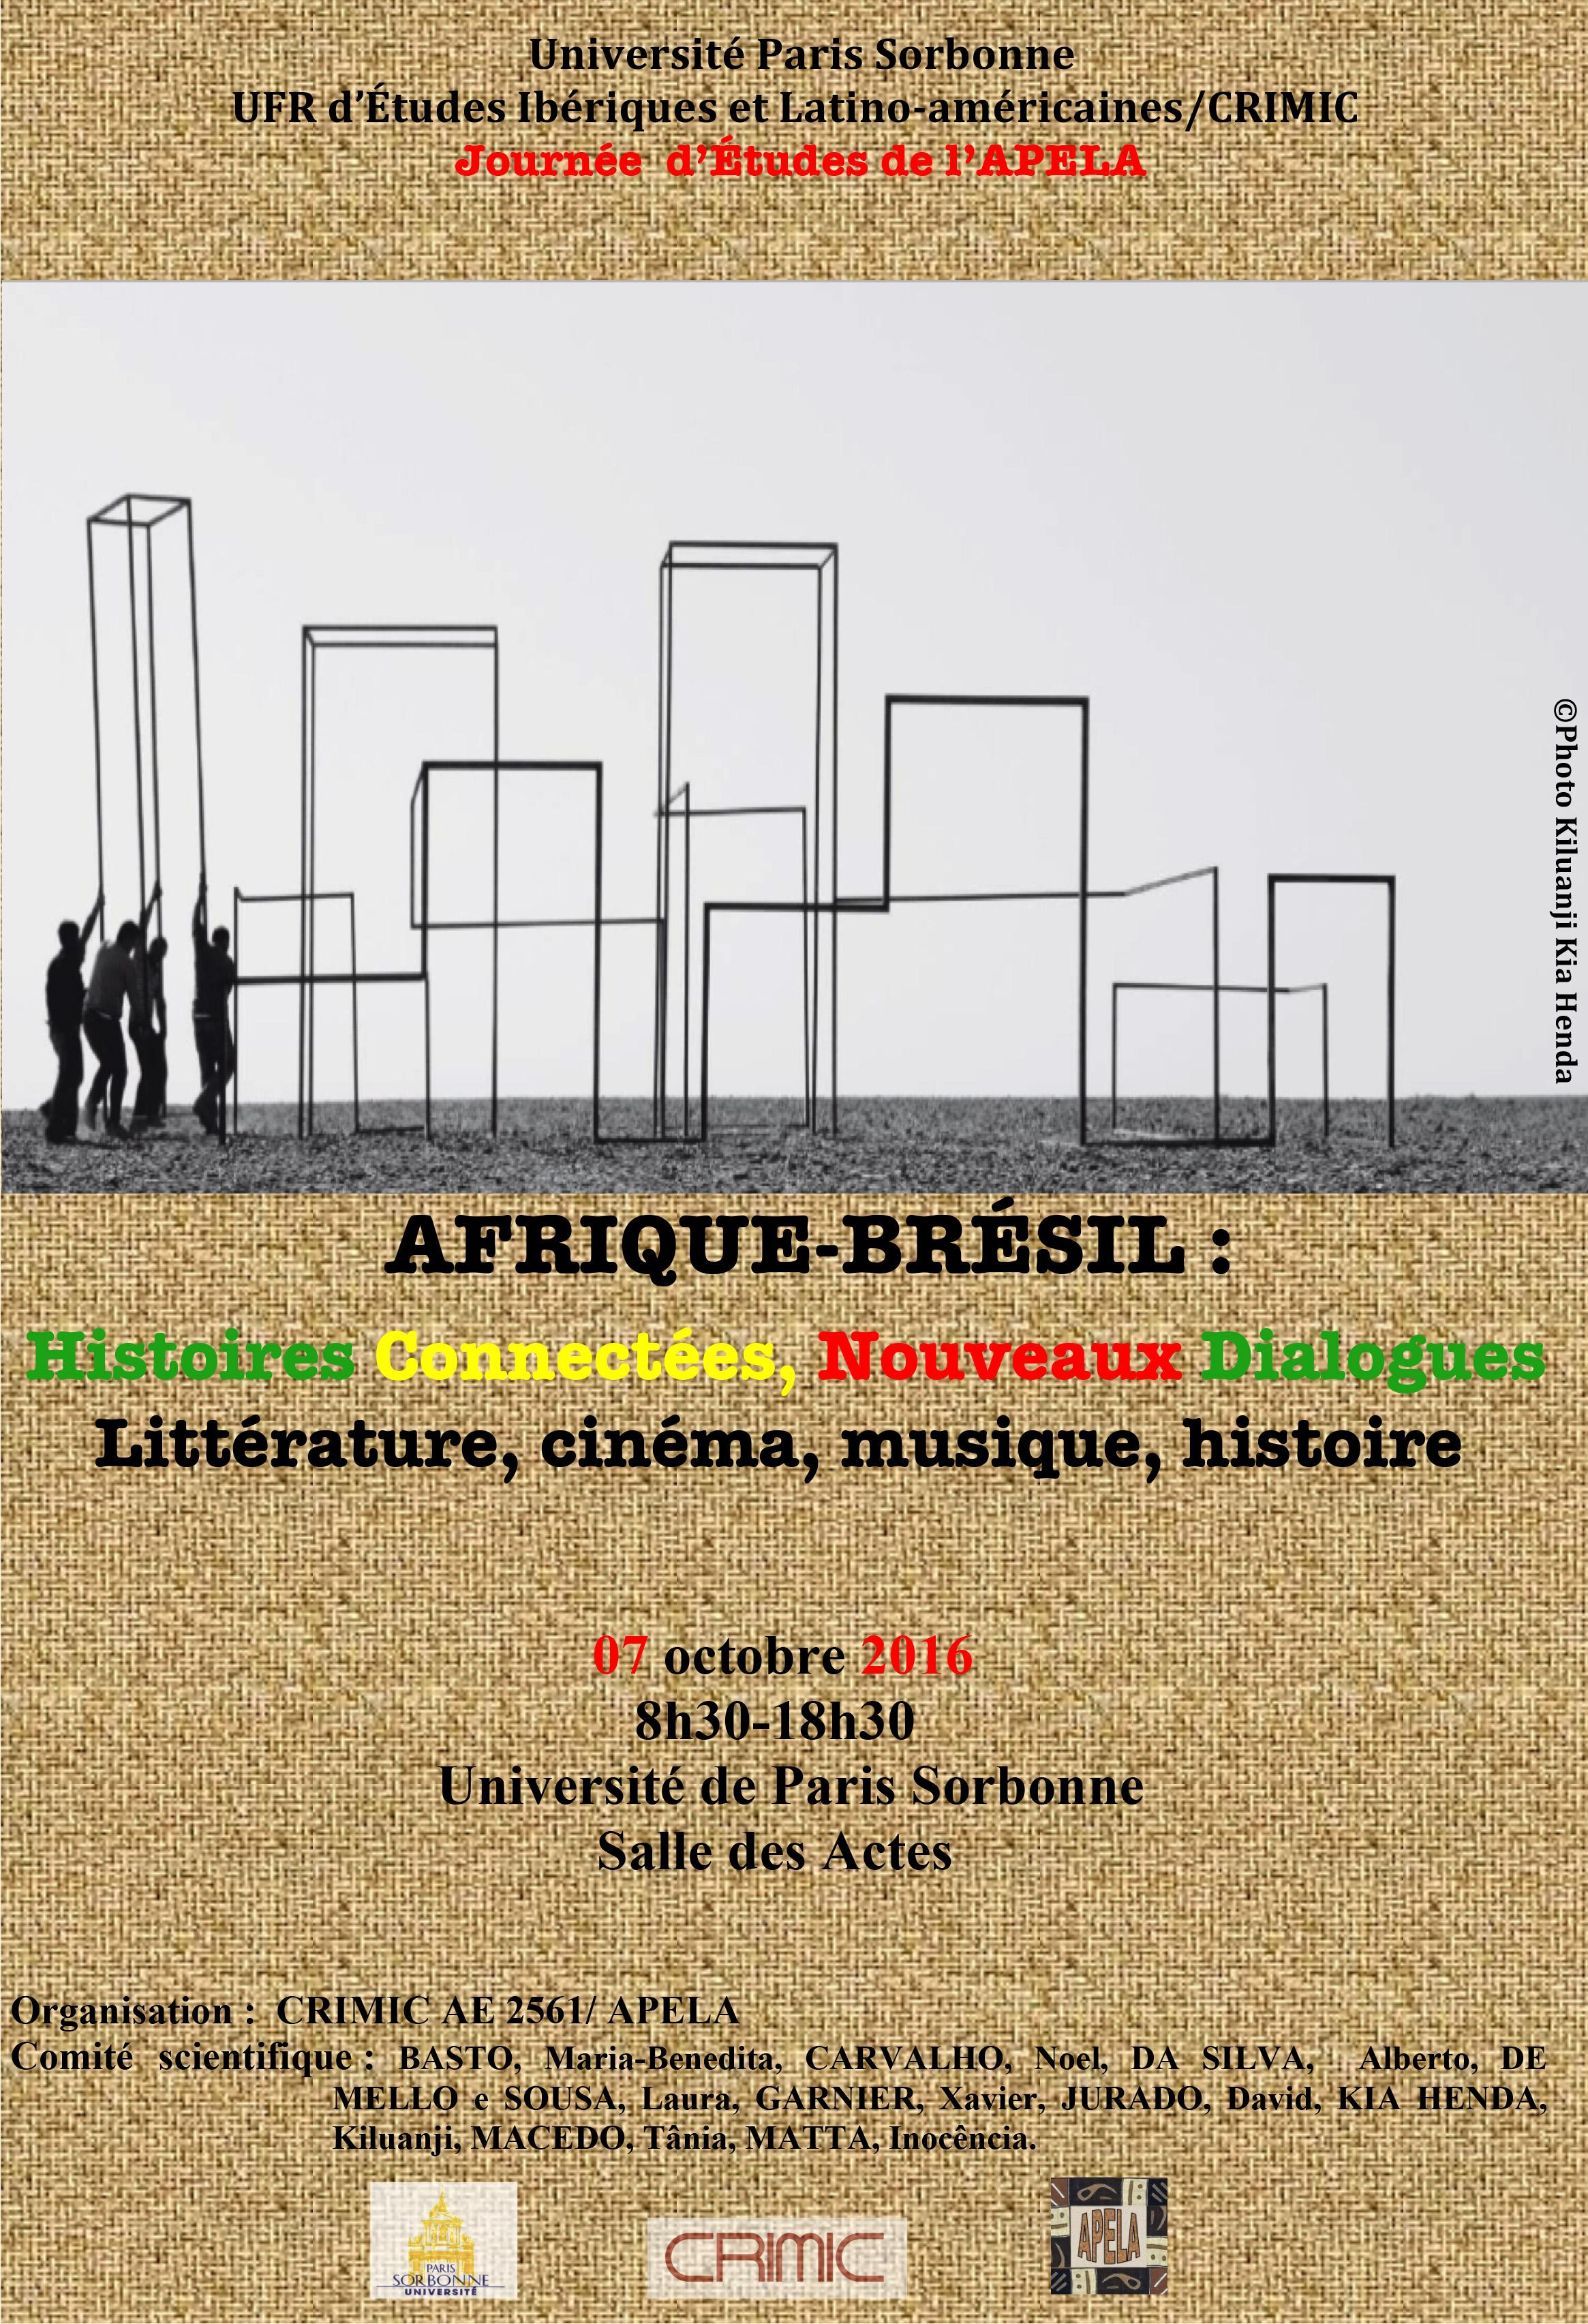 Afrique-Bresil : histoires connectées, nouveaux dialogues. Littérature, cinema, musique, histoire